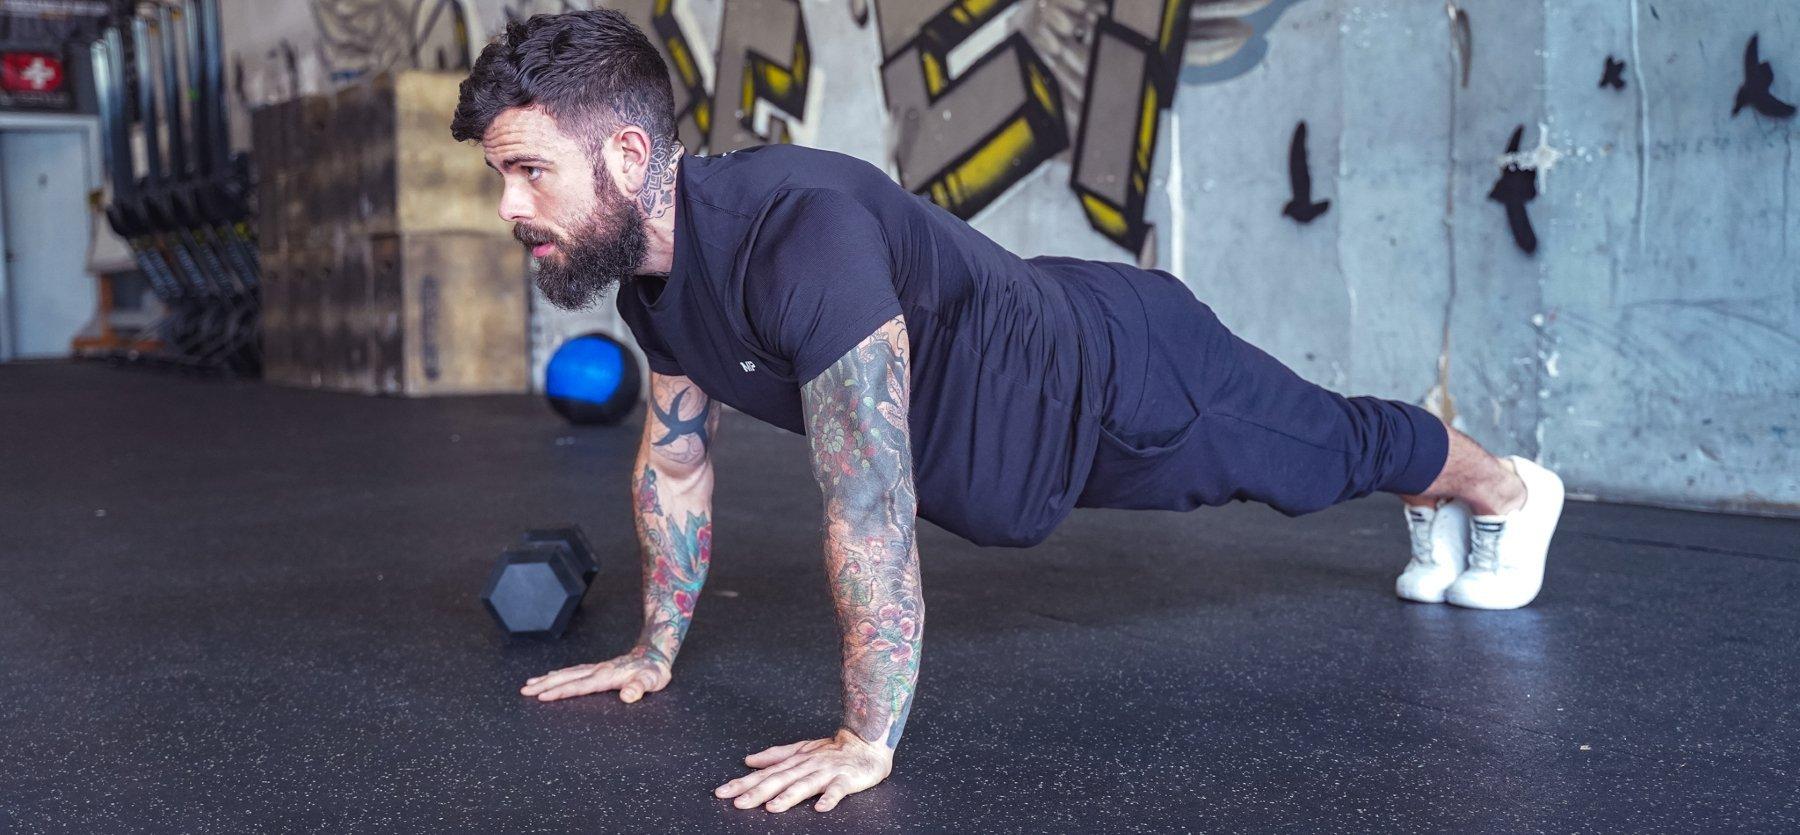 Тренировка дома на все тело без оборудования С ВИДЕО